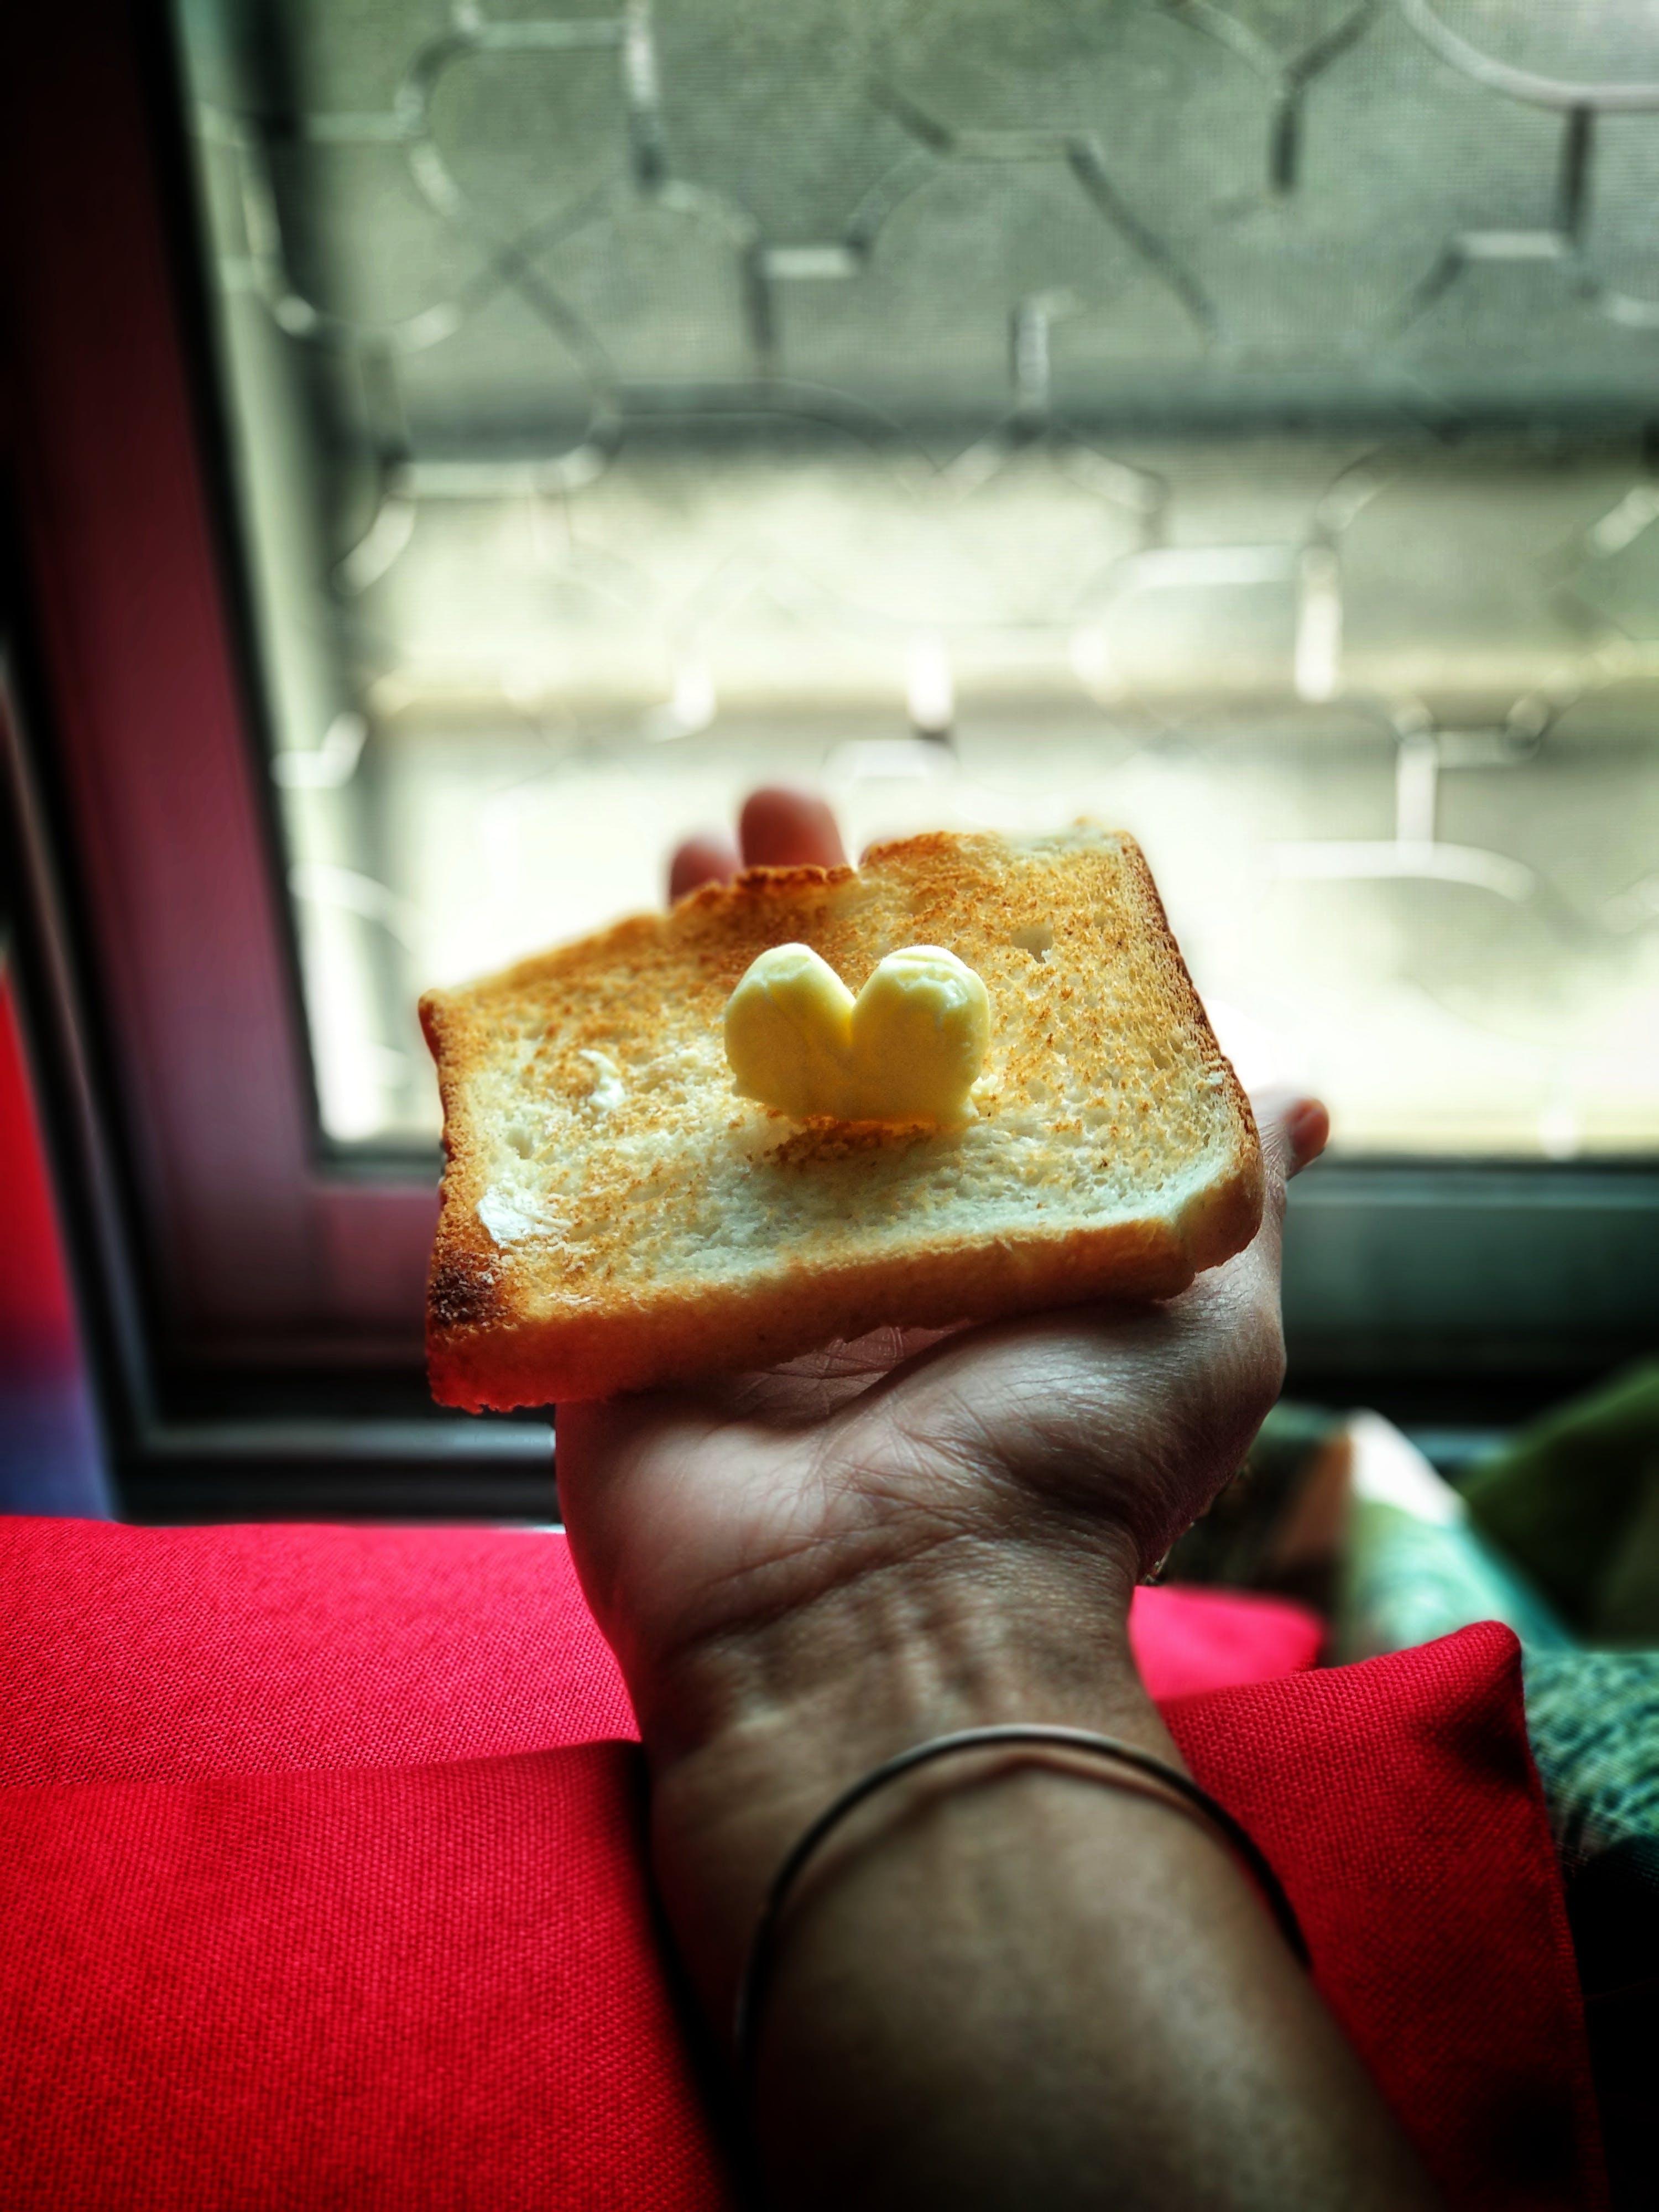 Gratis lagerfoto af brød, delikat, hånd, mad